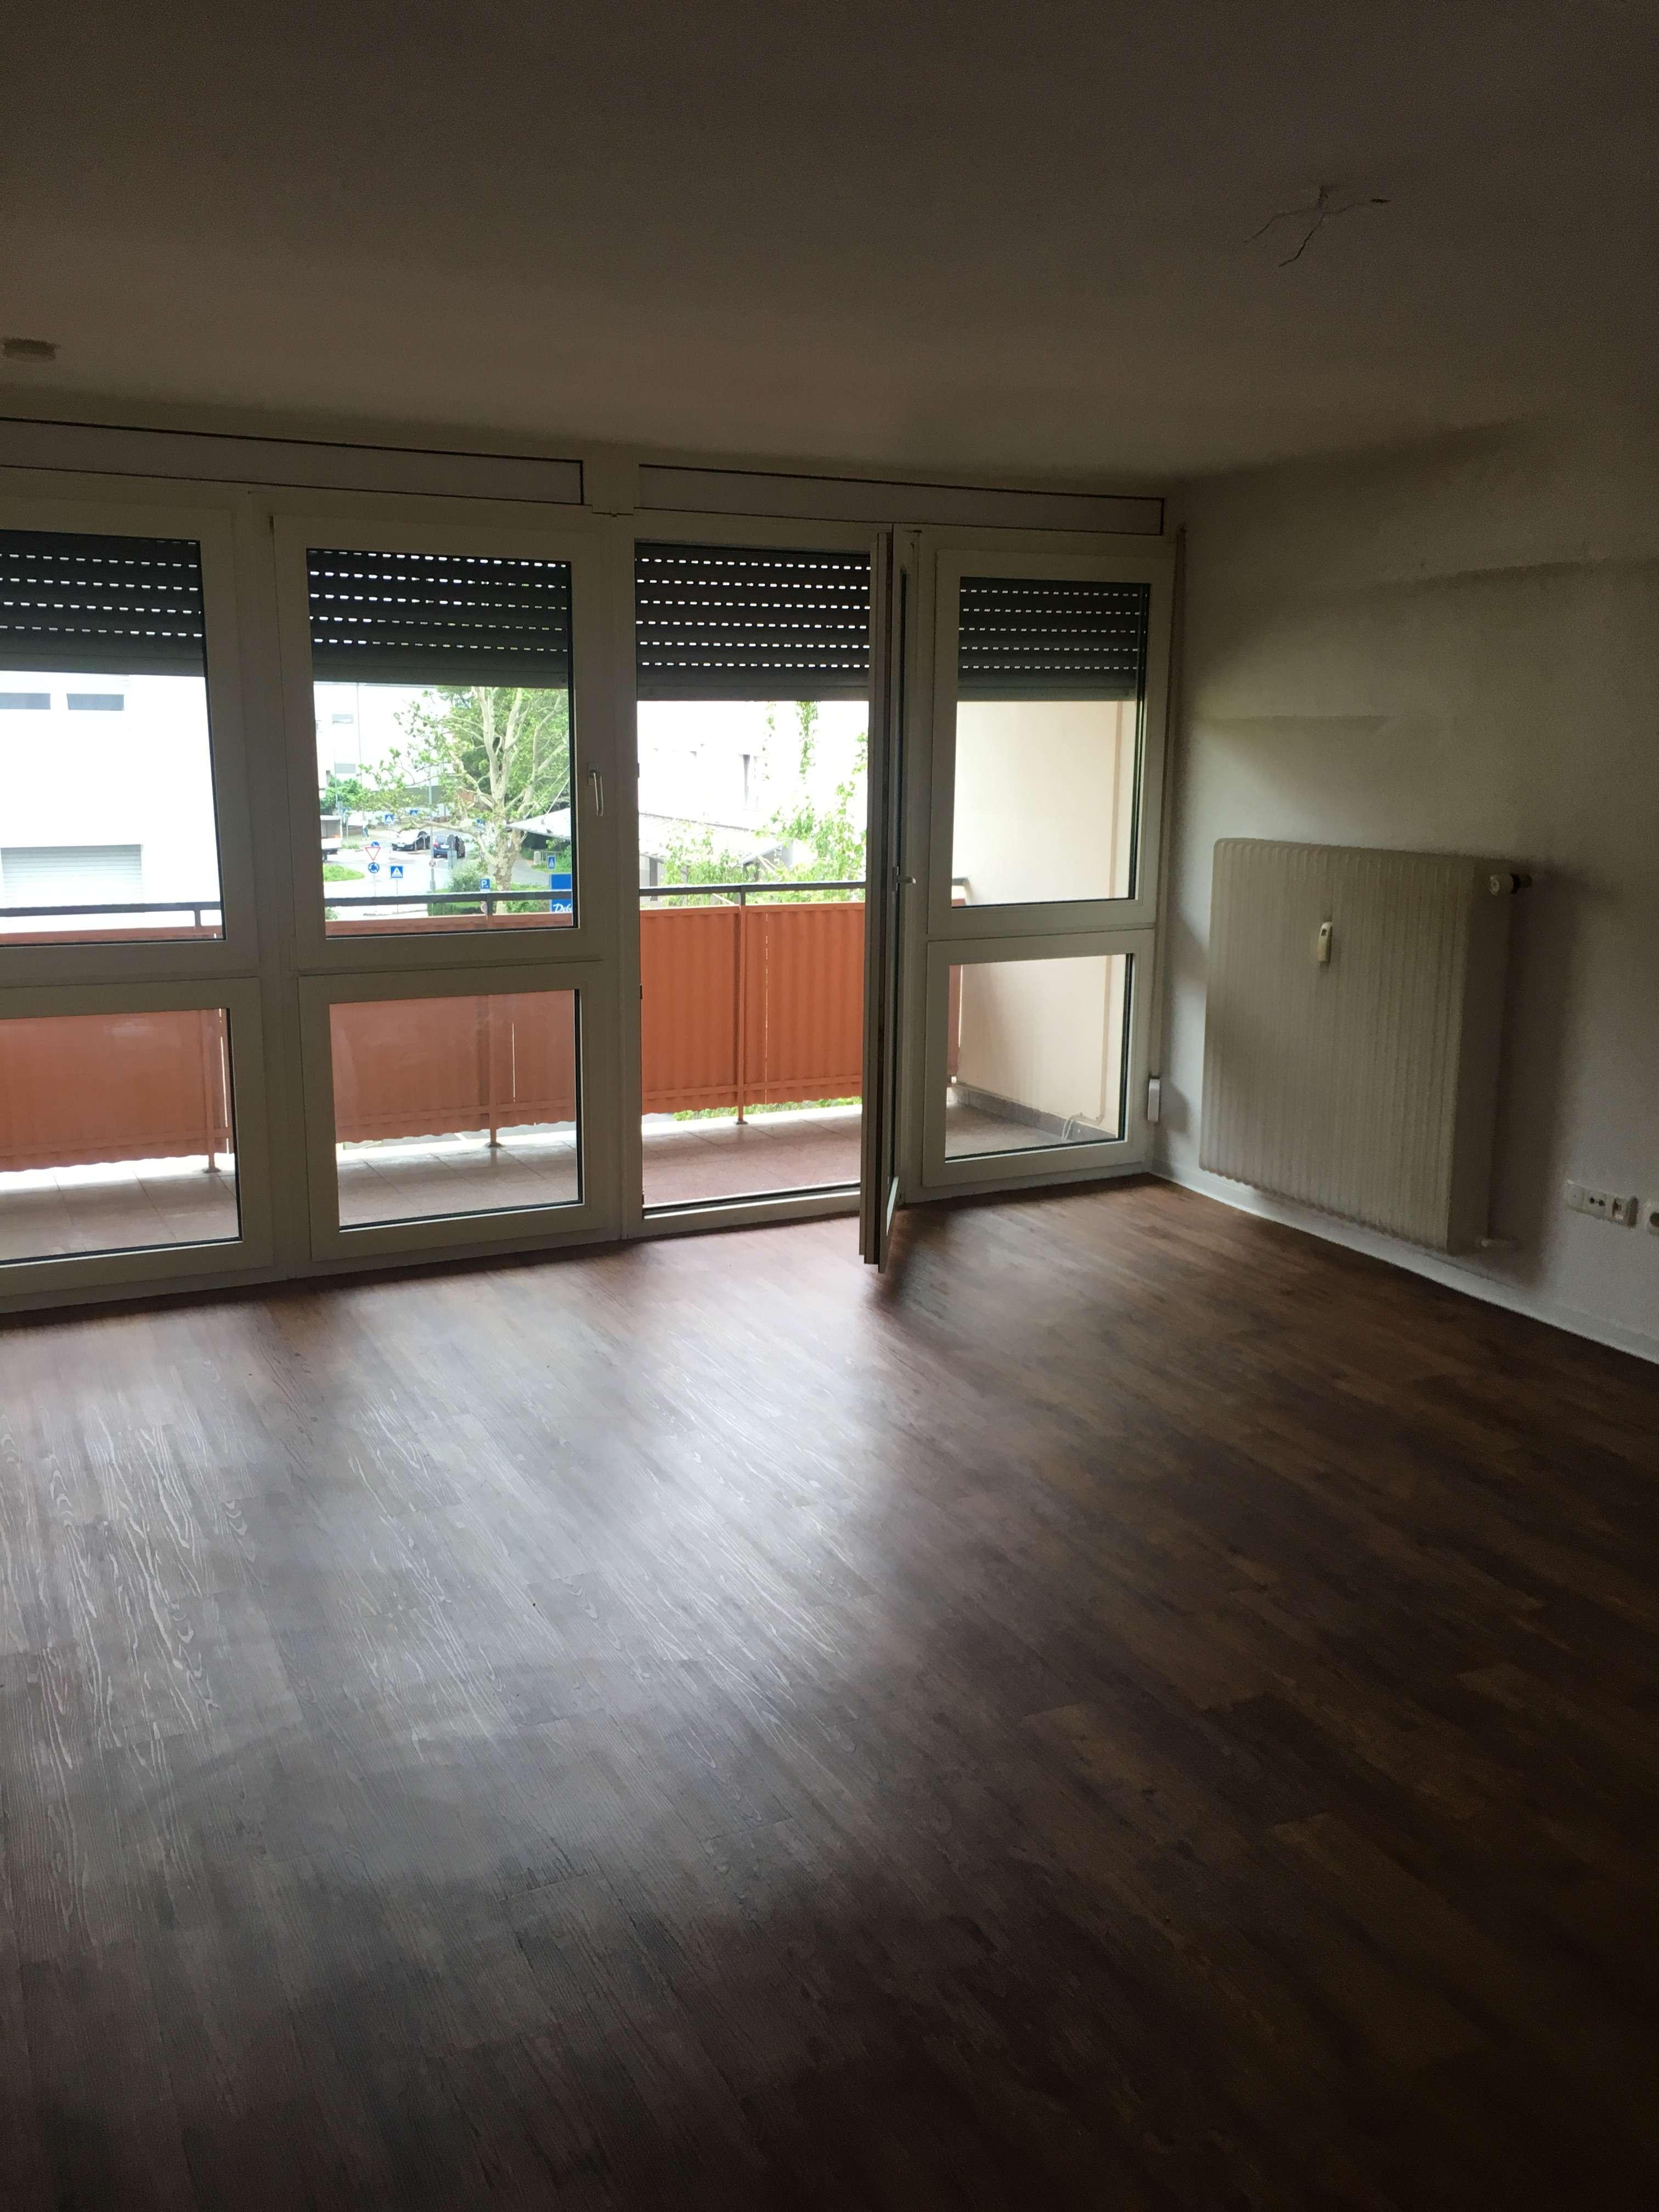 3-Zimmer Wohnung mit 2 Balkonen -Stadtmitte-